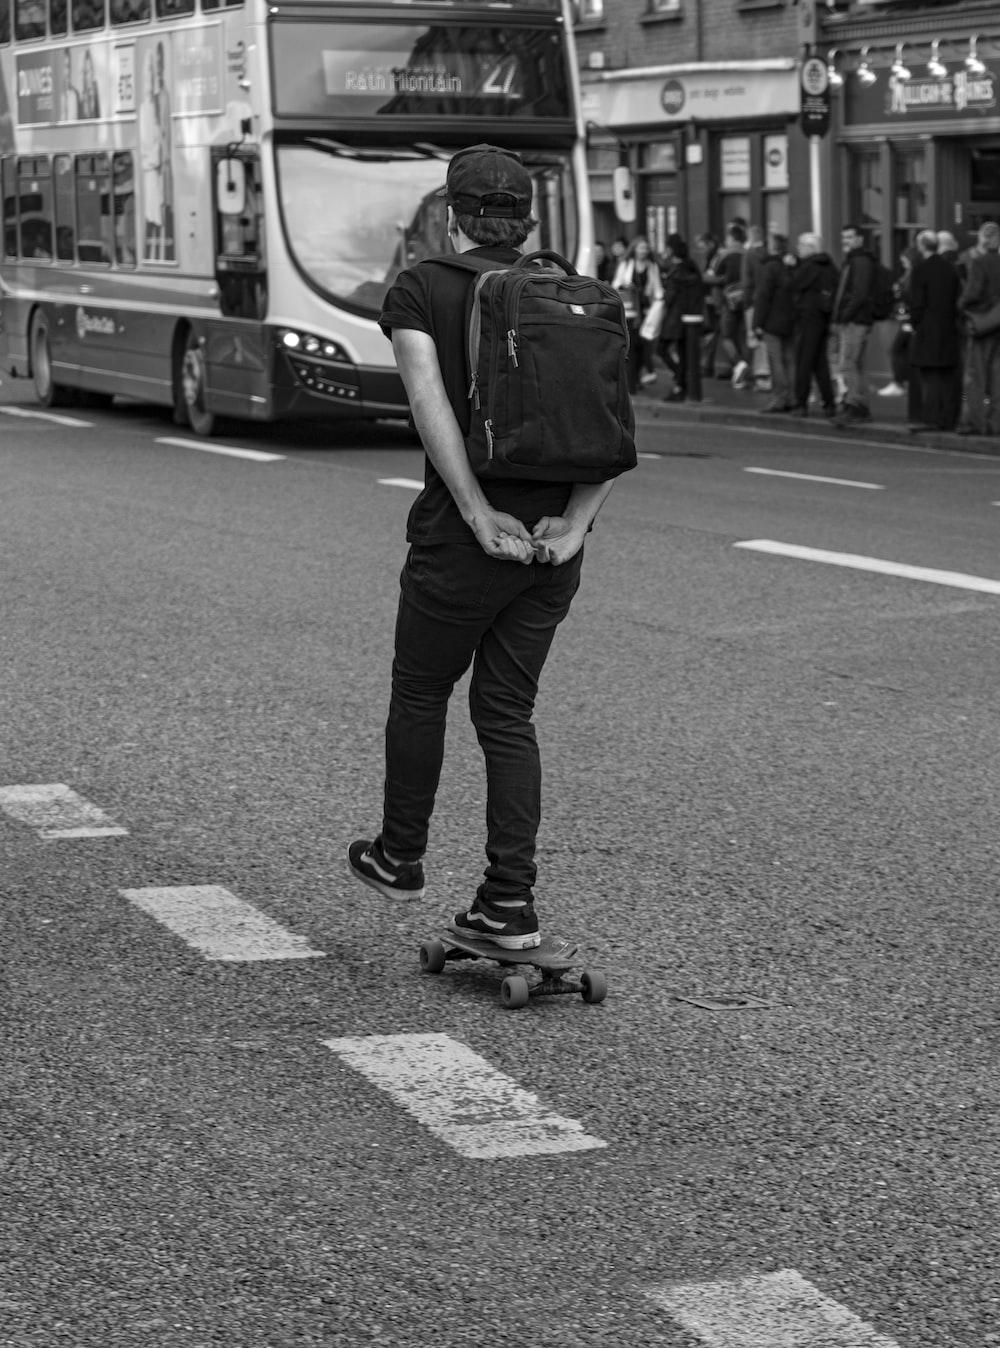 man skateboarding on road near bus in grayscale